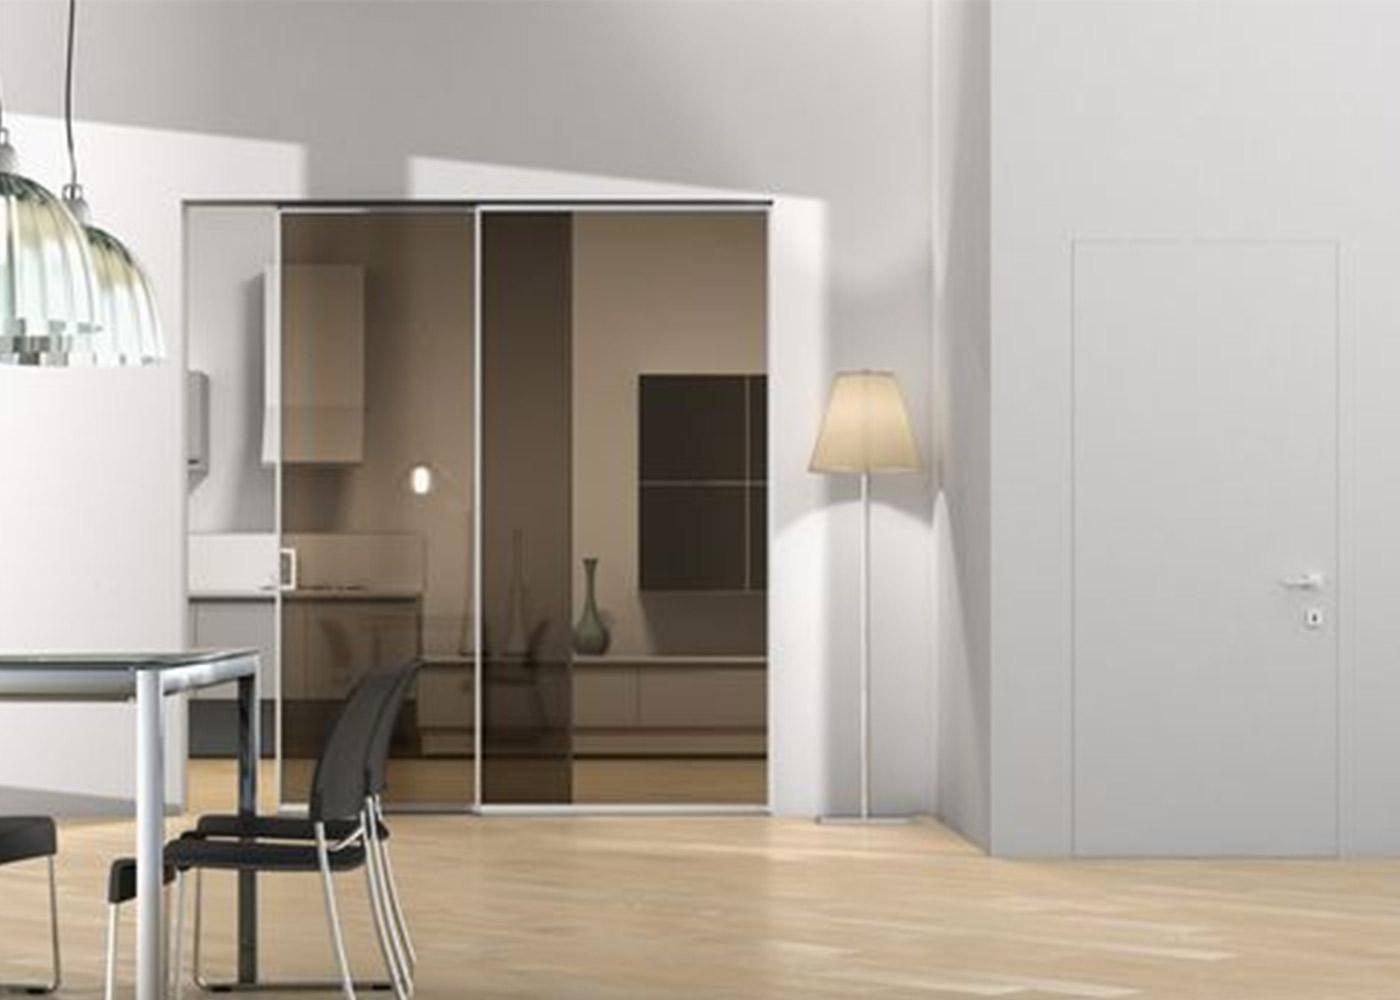 Perché scegliere una porta con vetro?